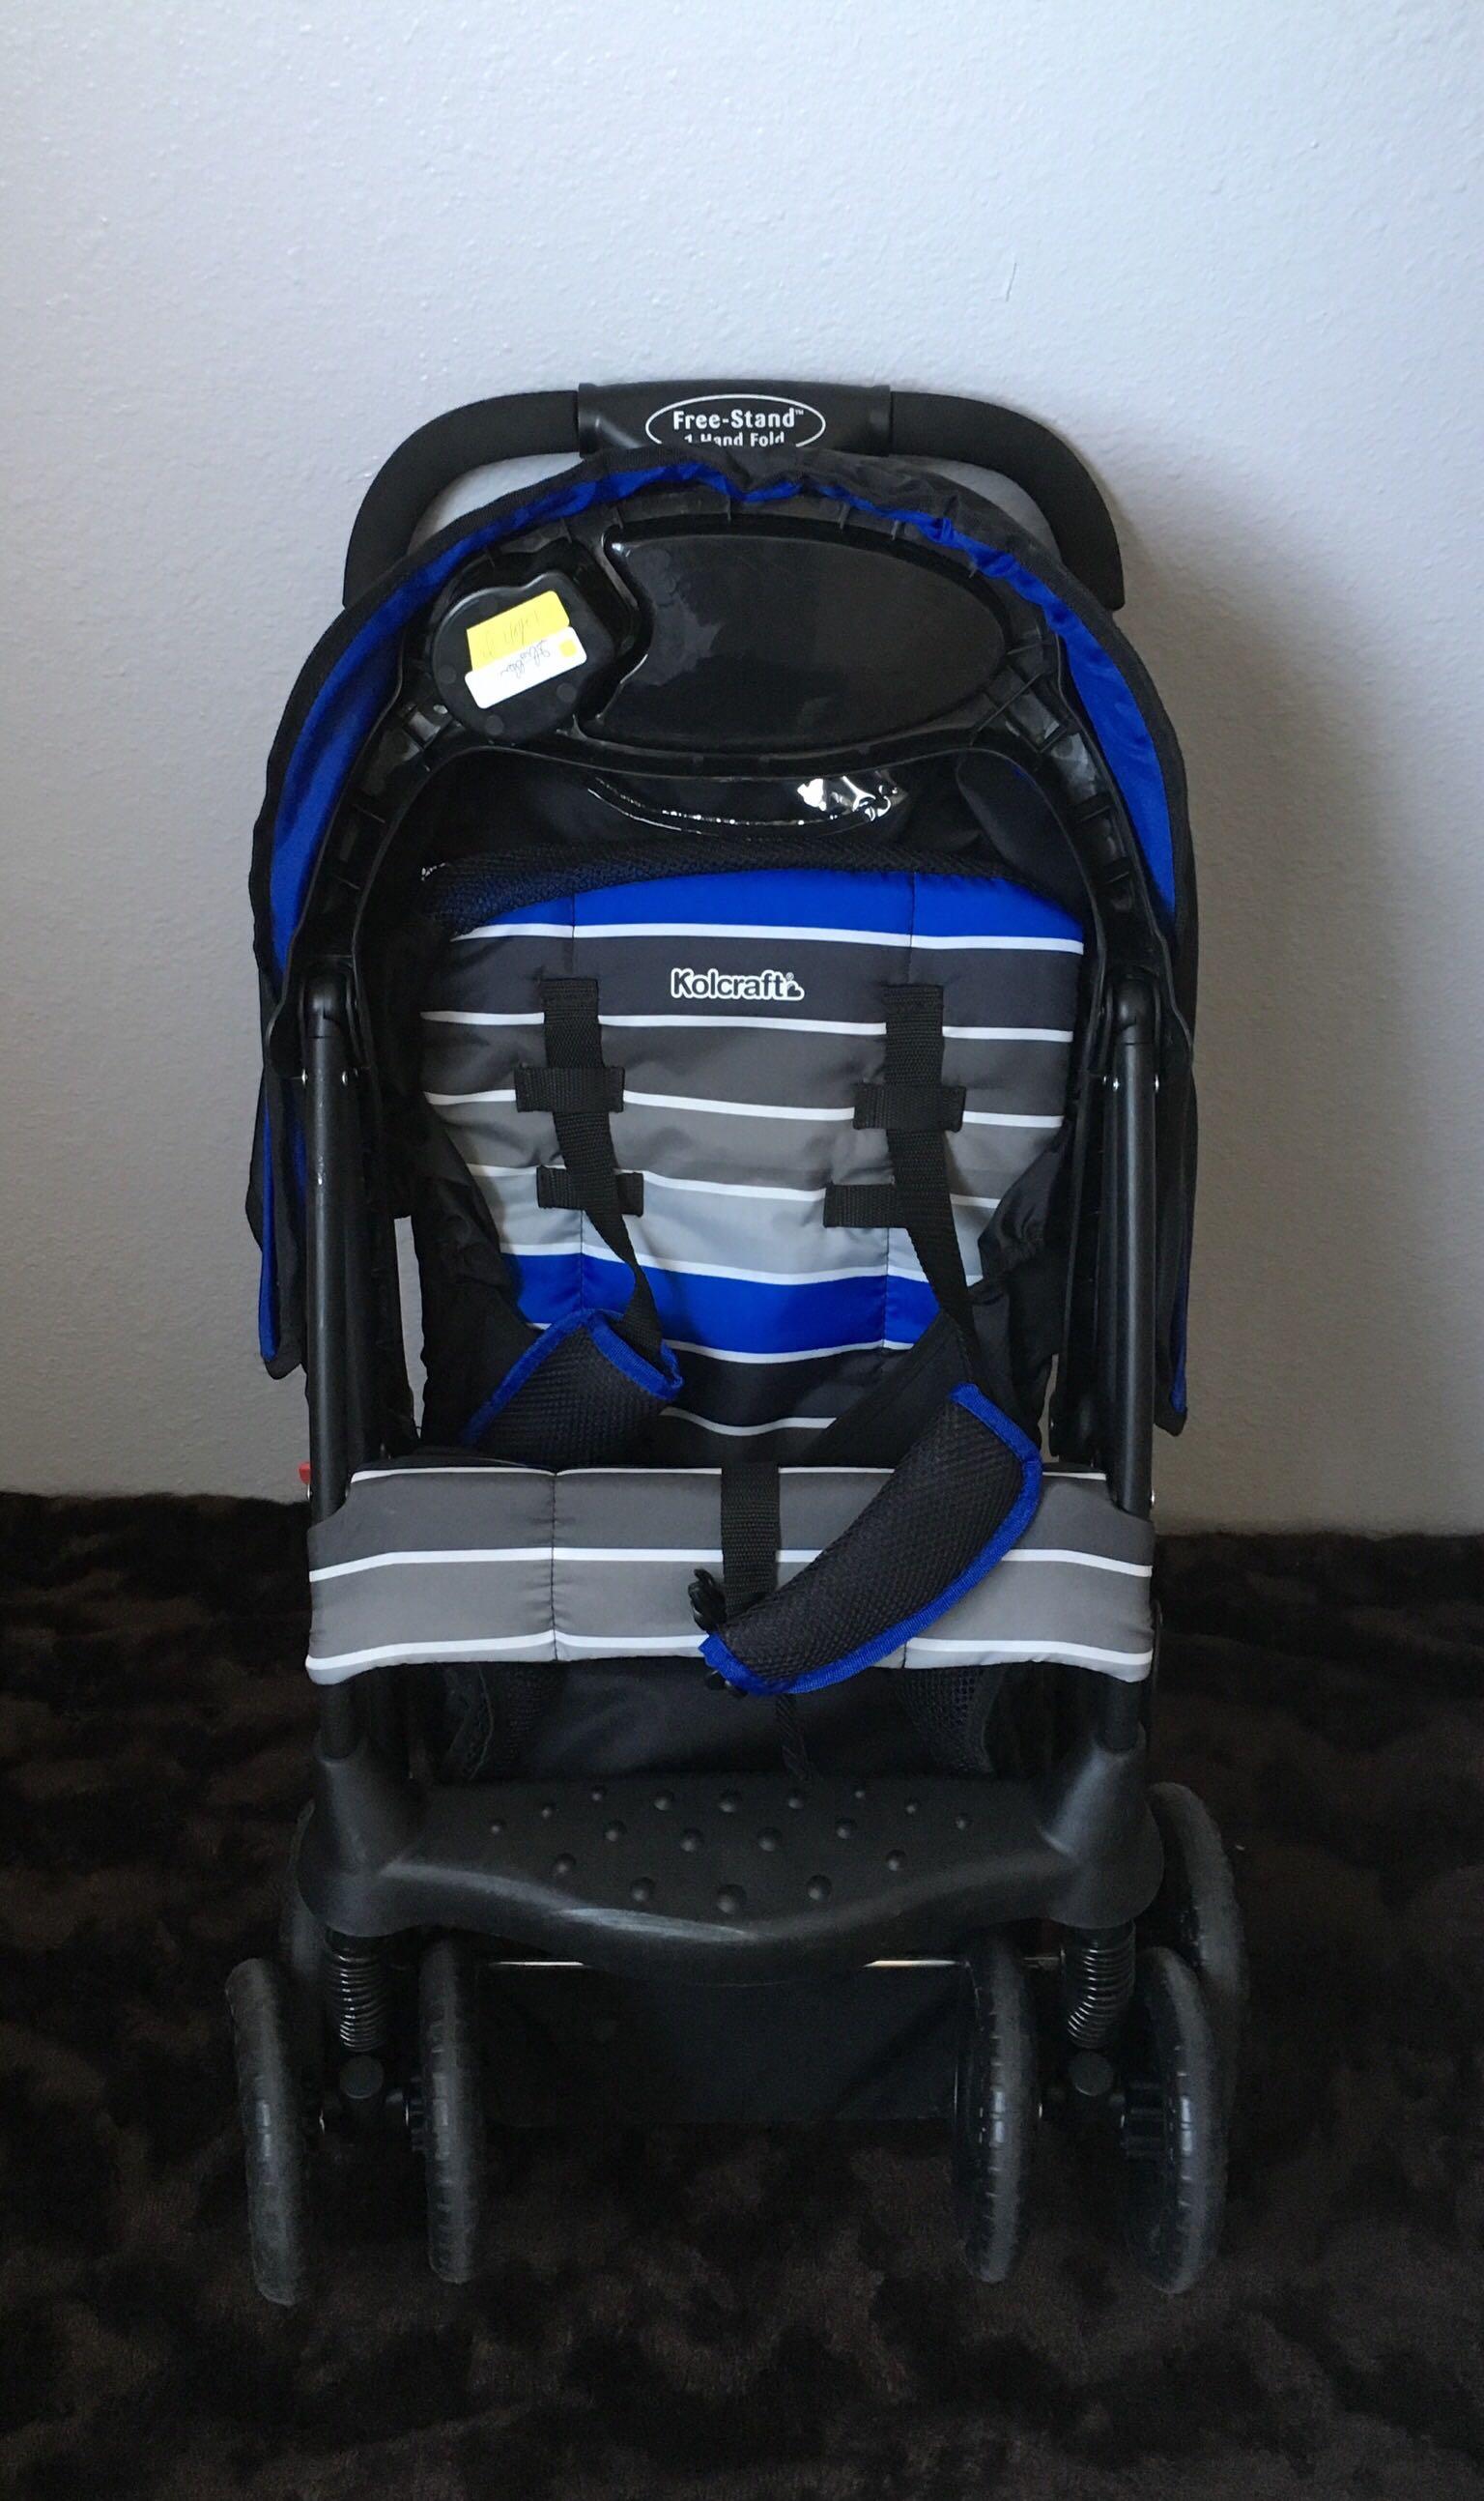 New KOLCRAFT Baby Stroller